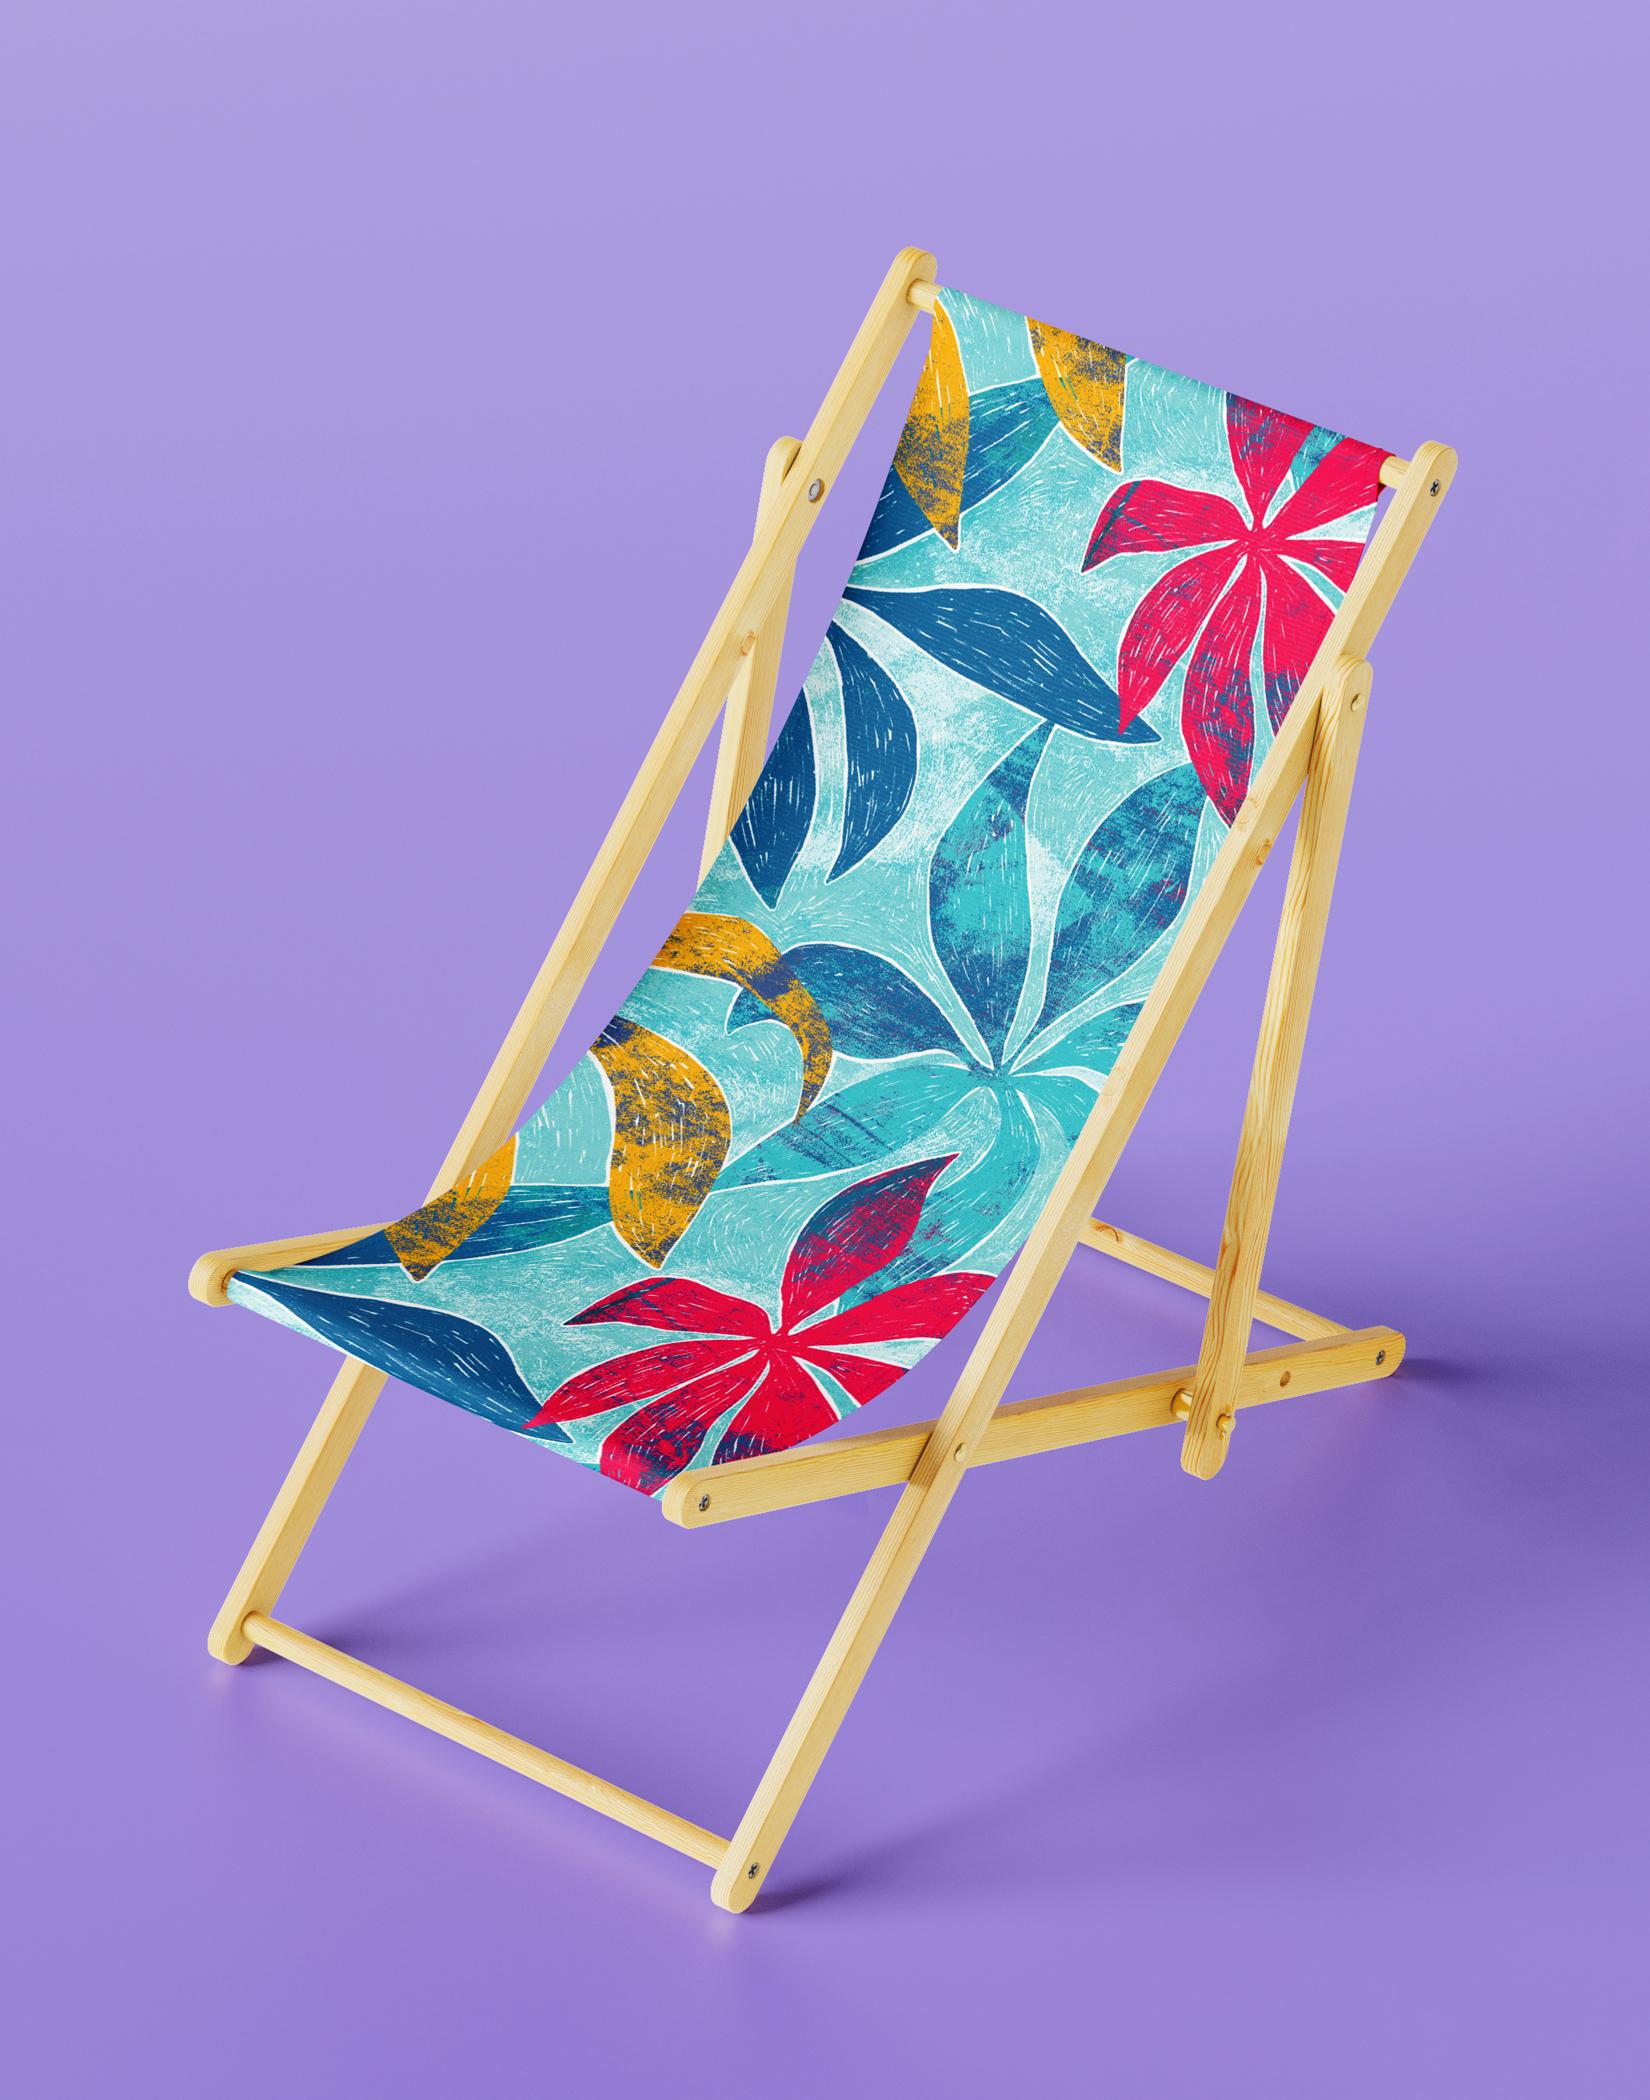 tropical pattern on a beach chair